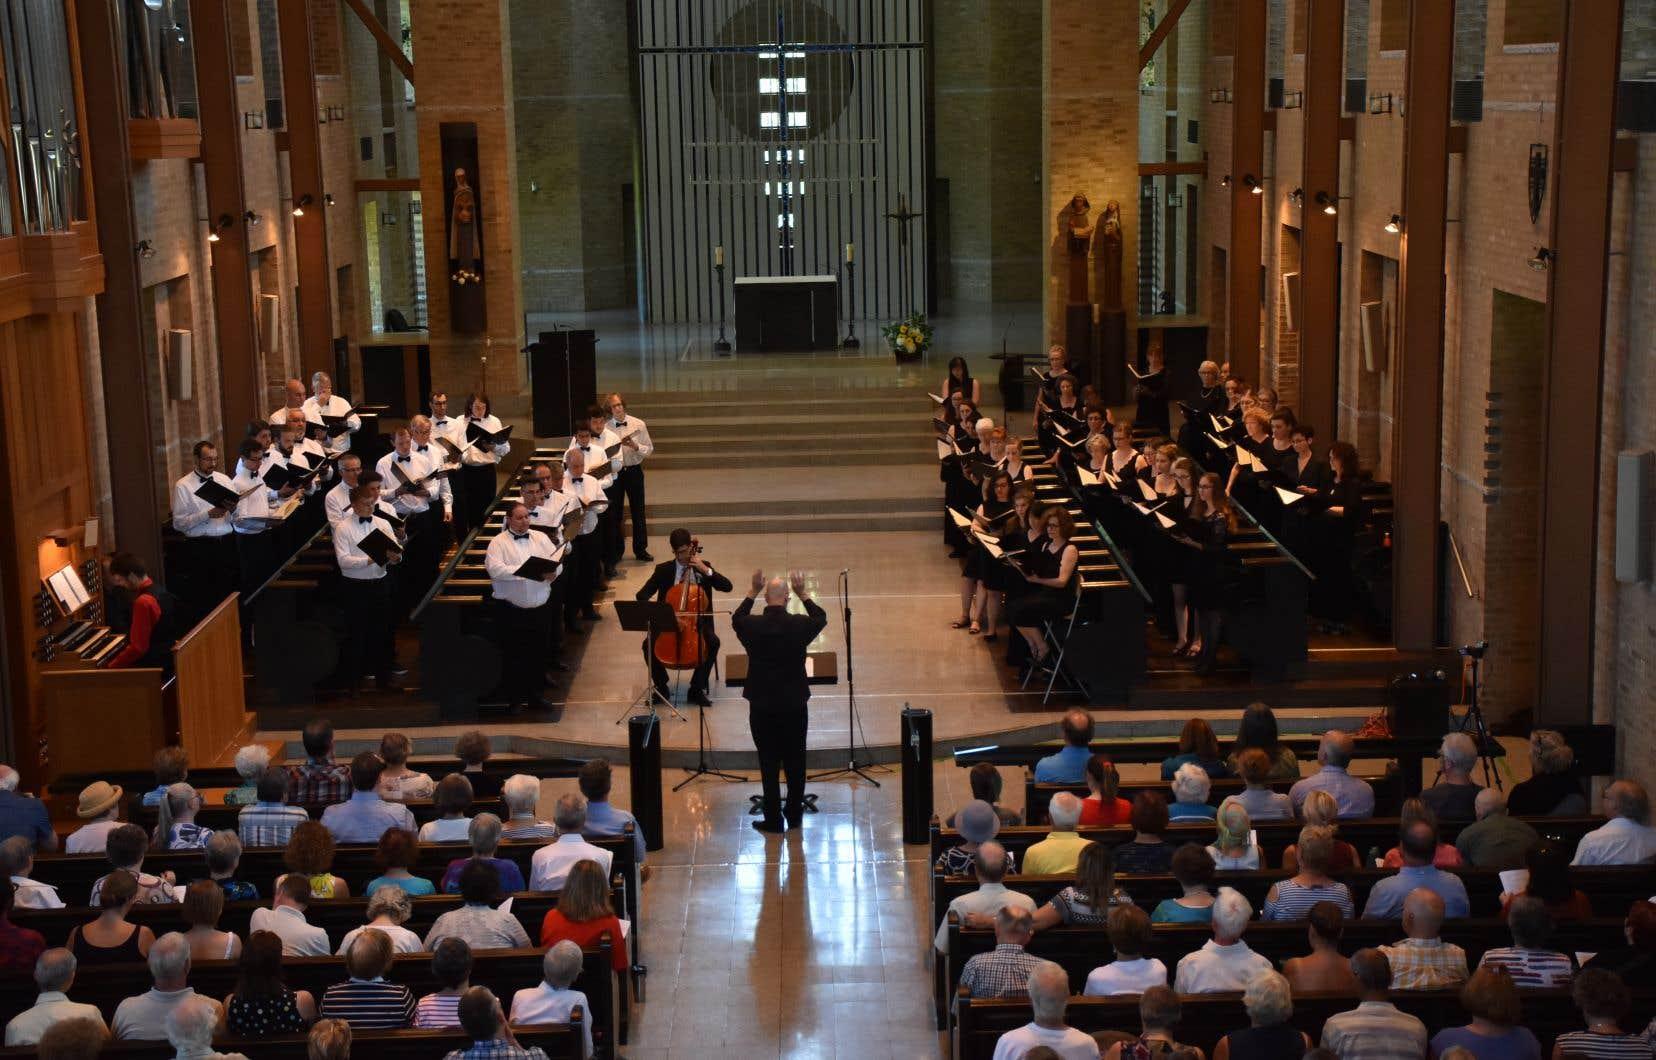 Cet été, le stage intensif de l'Université de Sherbrooke en chant choralcomptera une cinquantaine de participants.